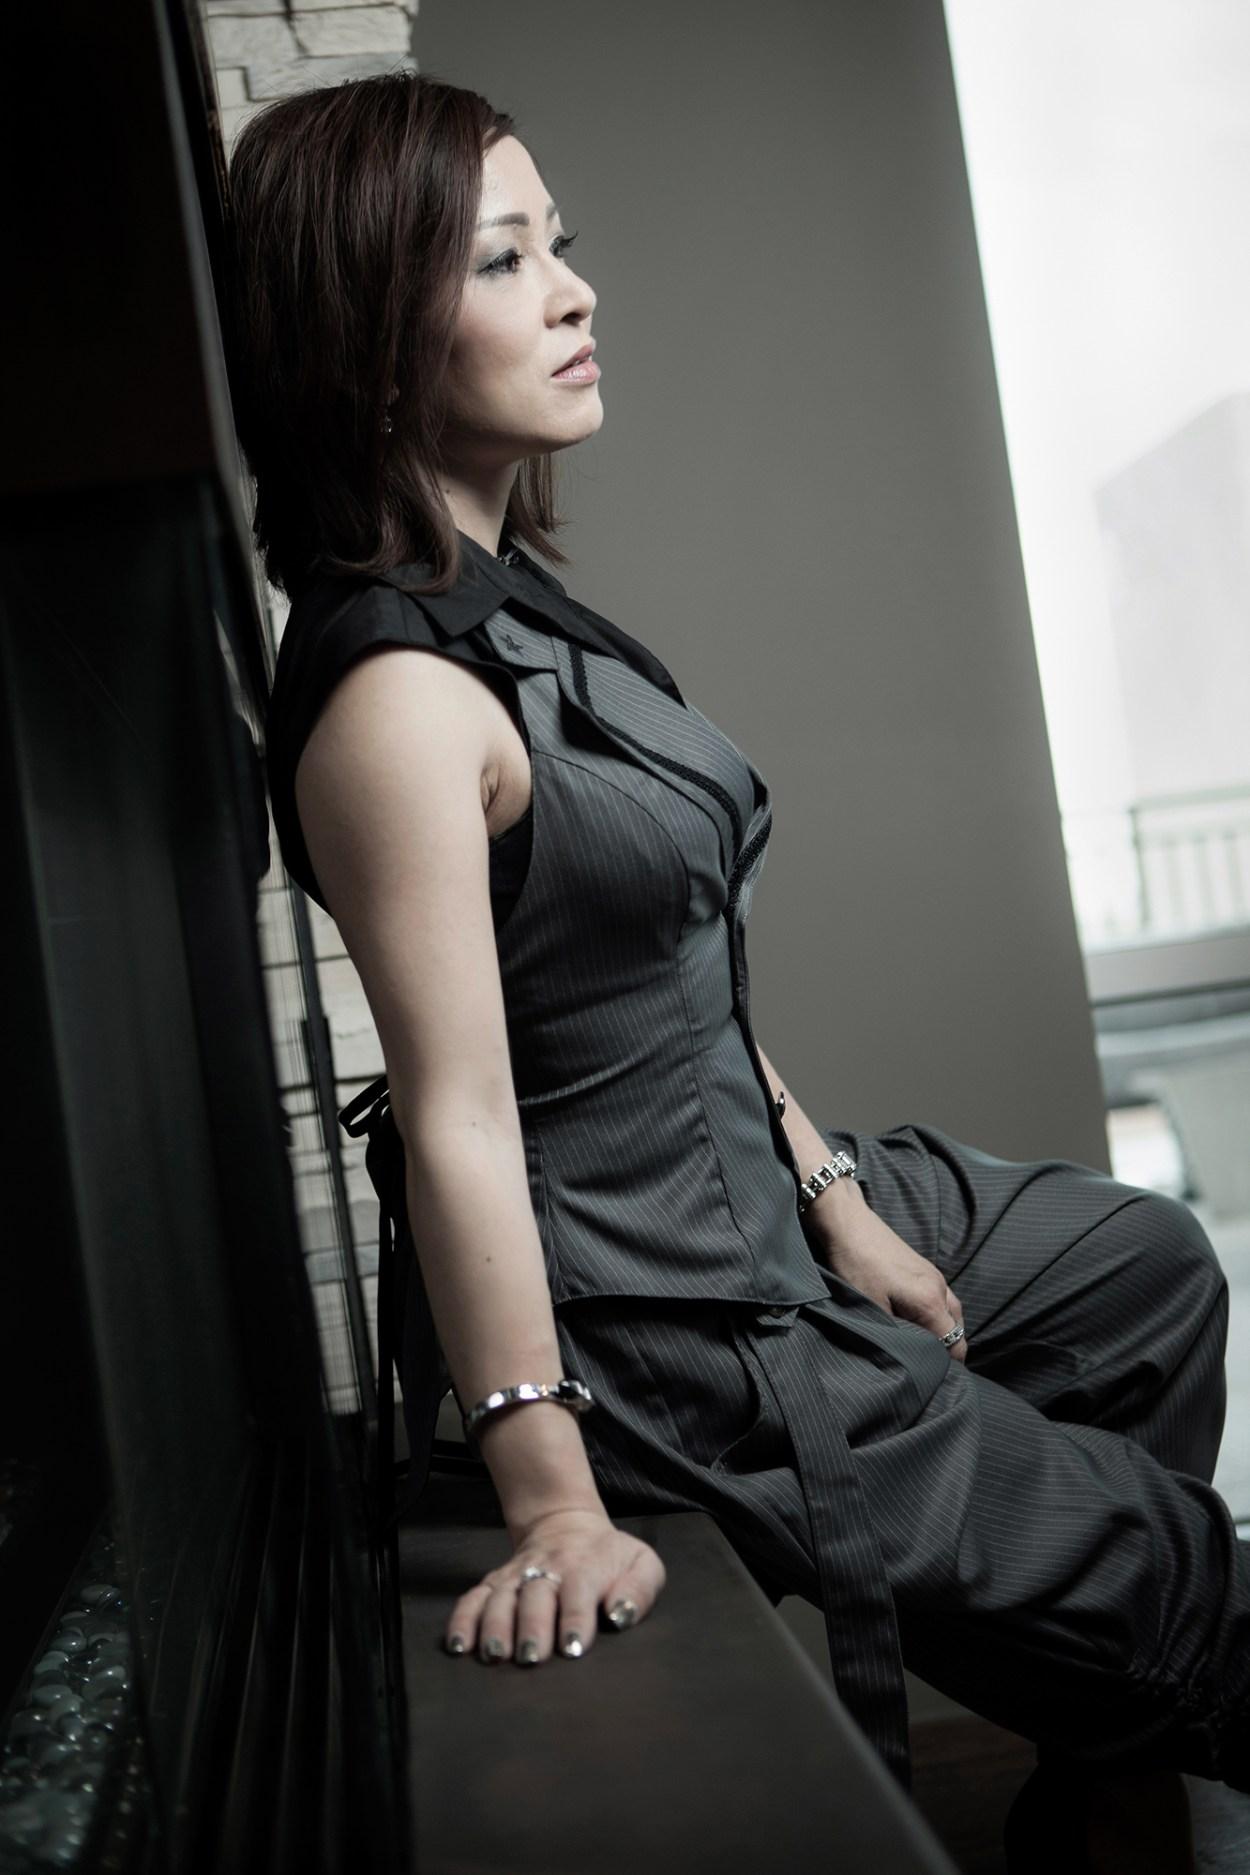 1-Putamayo-Suit-Fashion-Style-Elegant-JFashion-Fashion-Chic